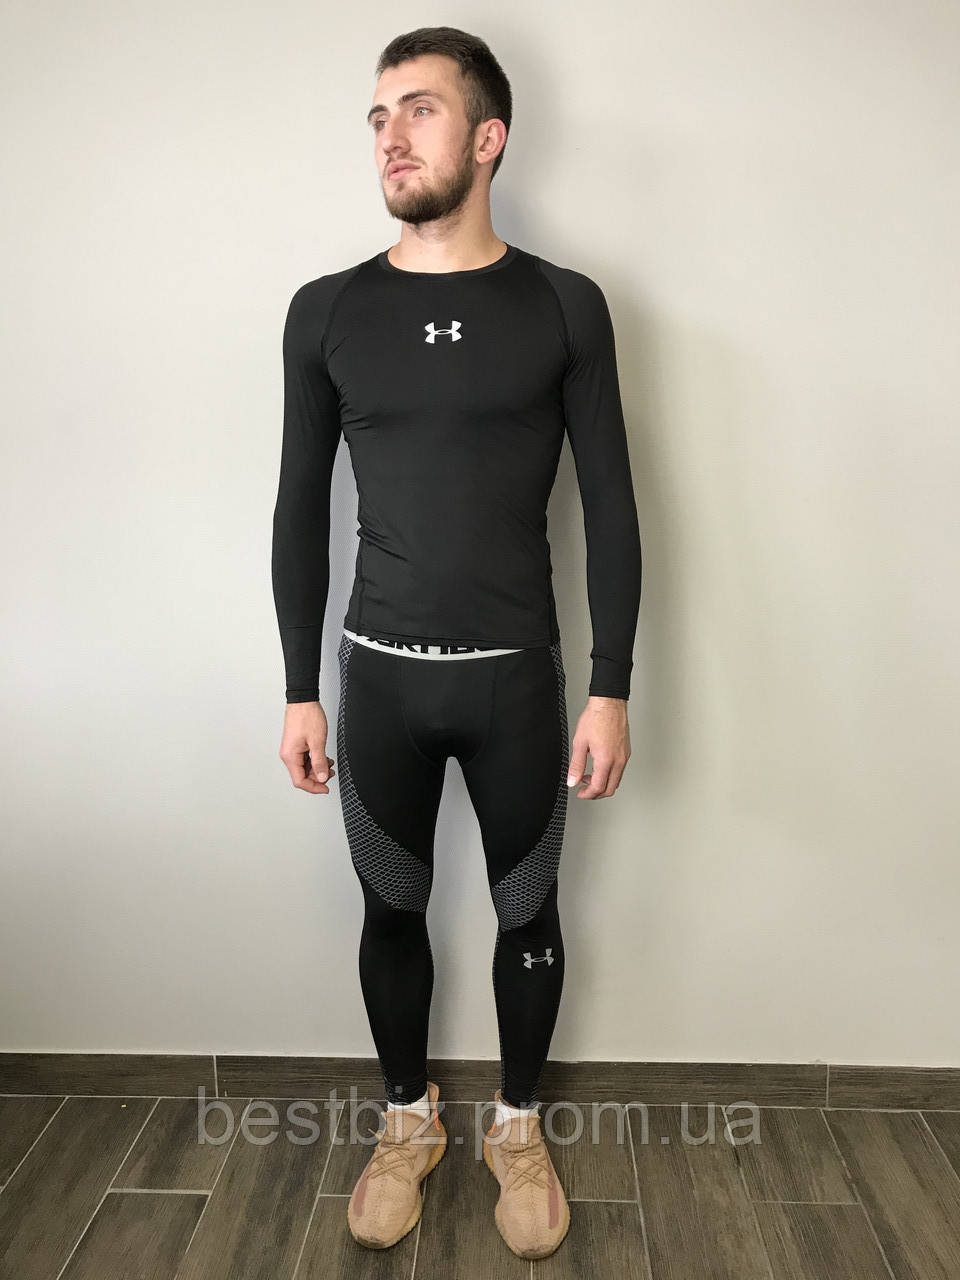 Комплект костюм спортивный компрессионный мужской  Under Armour Андер Армоур  (XL)